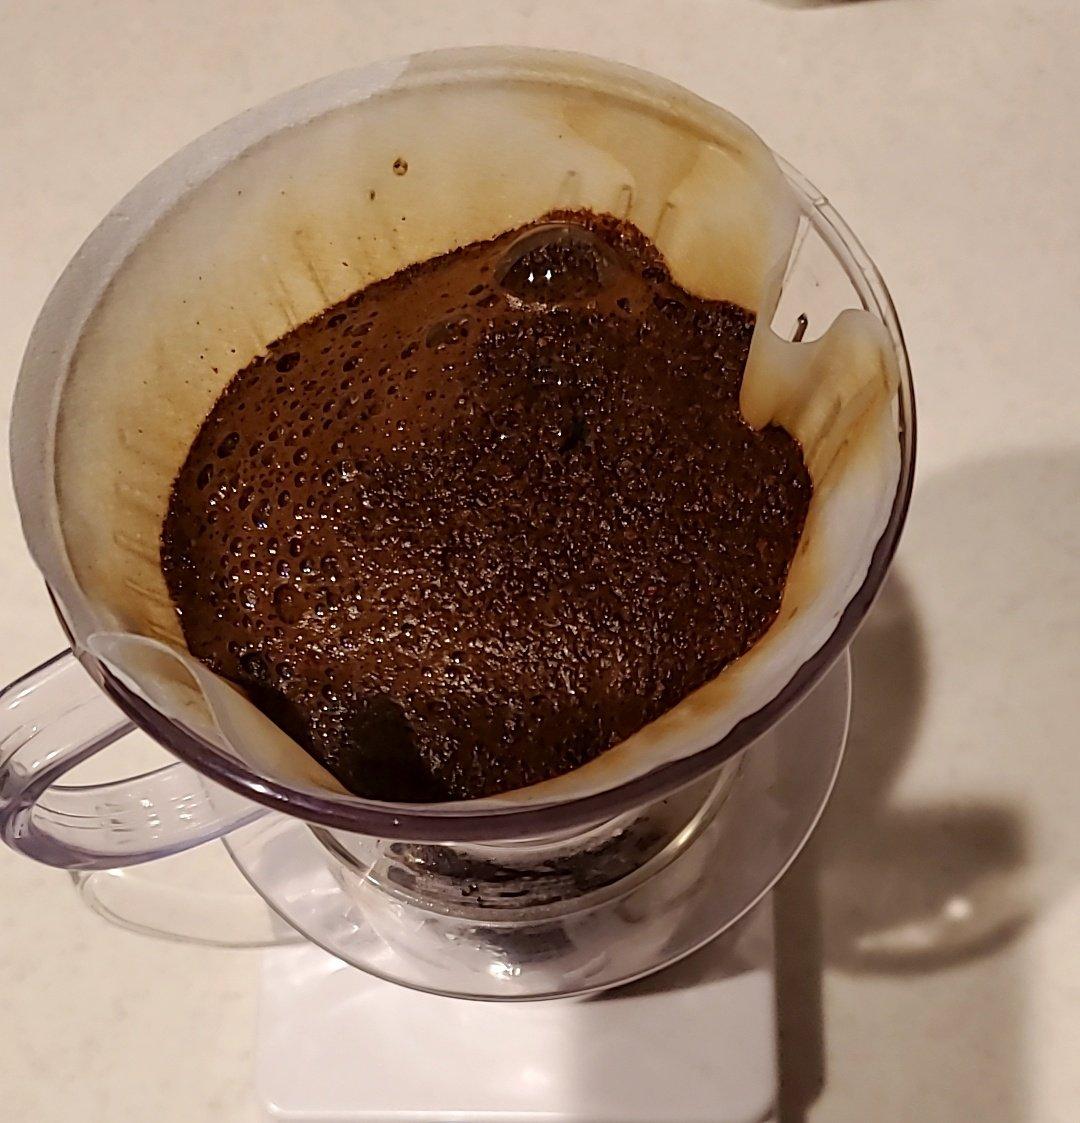 苫小牧港に産地から直接入荷する札幌のコーヒー屋さん【早川コーヒー】